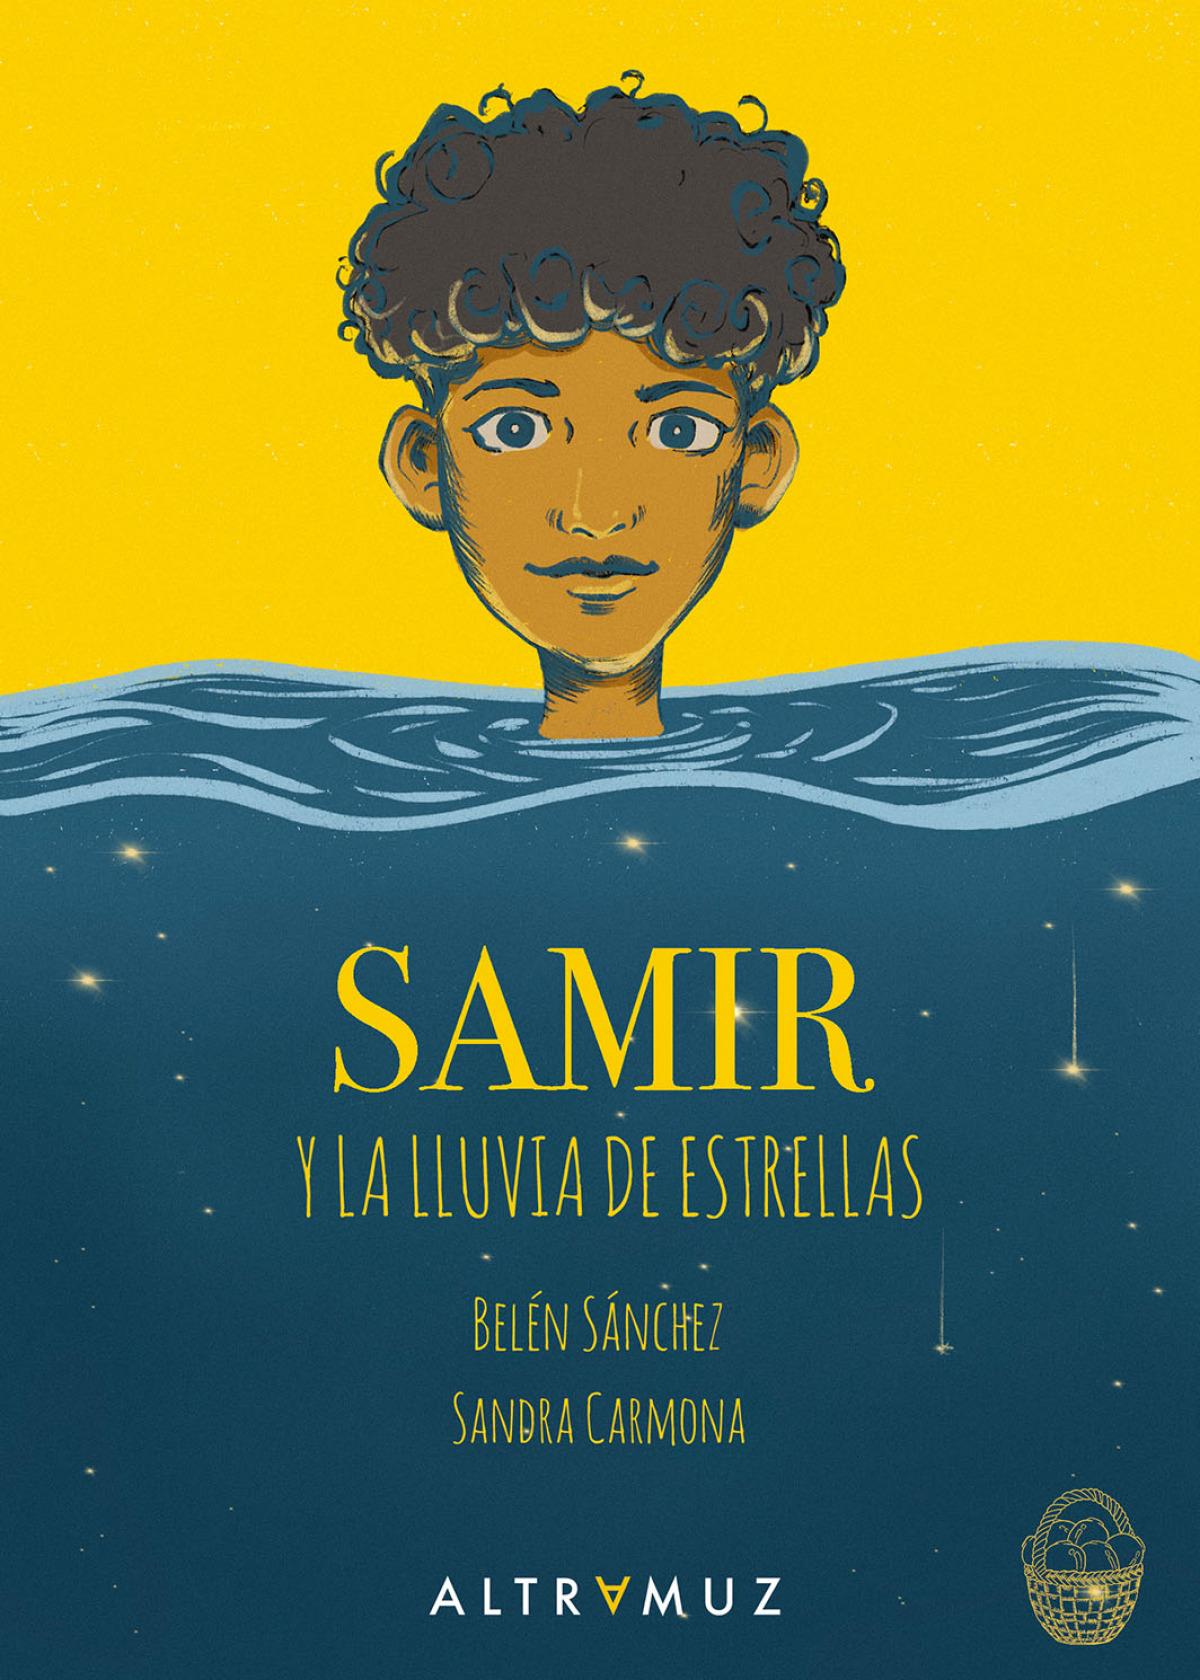 Samir y la lluvia de estrellas